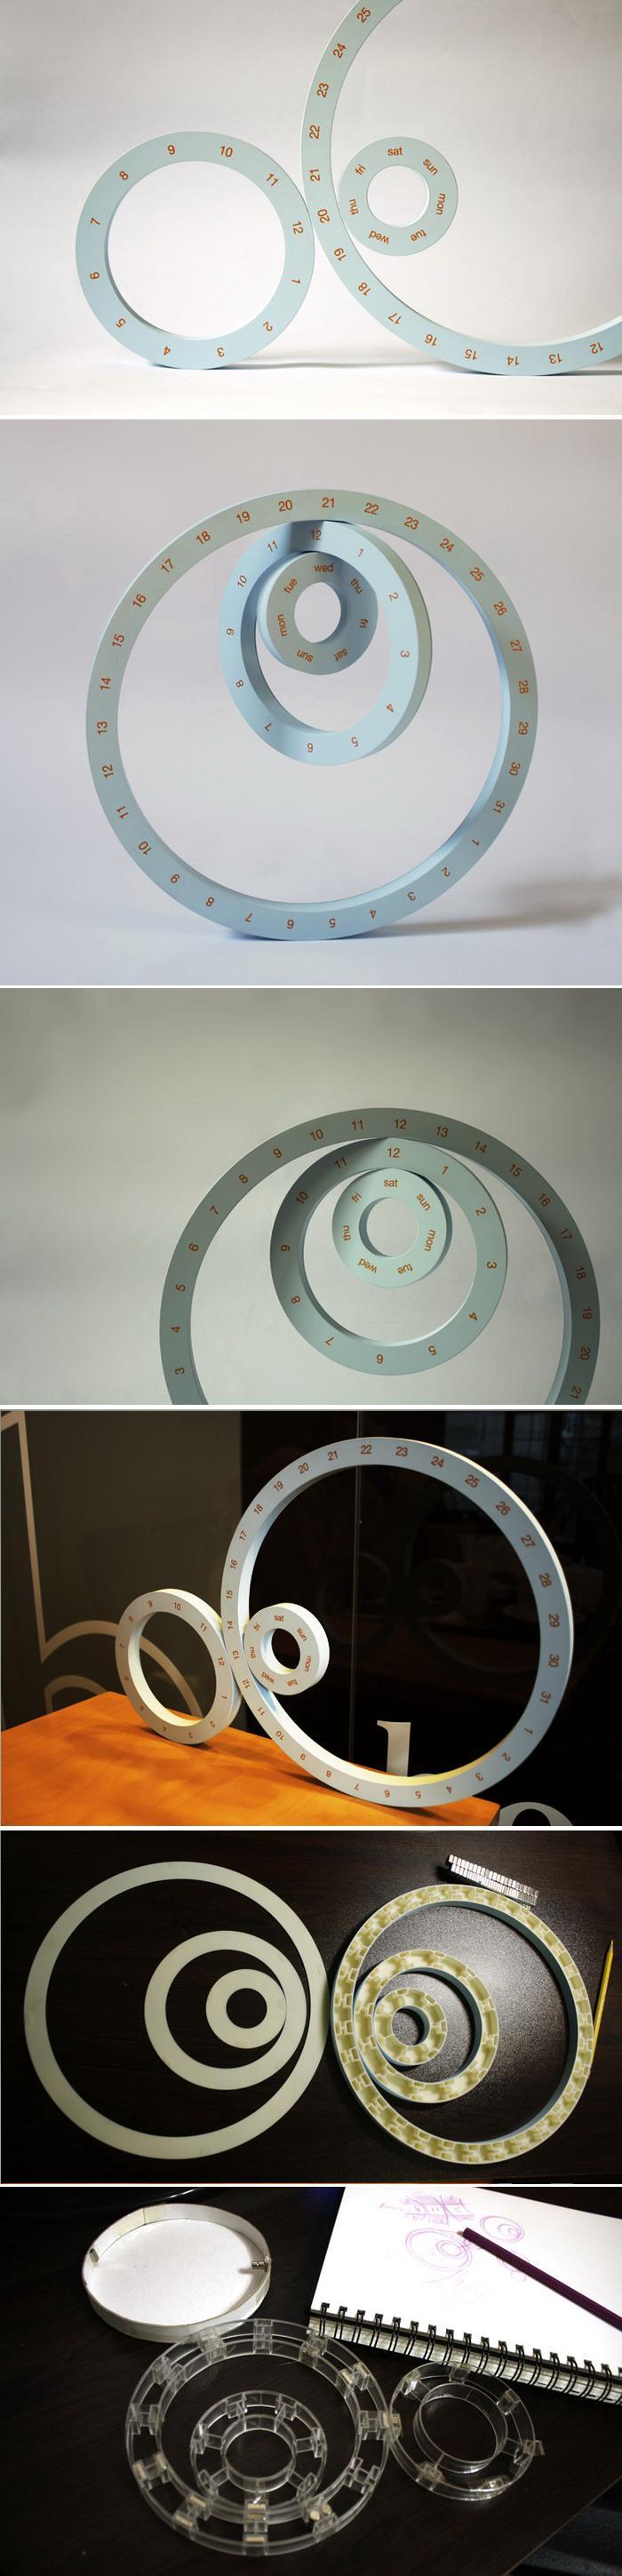 Настольный календарь «ONE» от дизайнера Jeong Yong